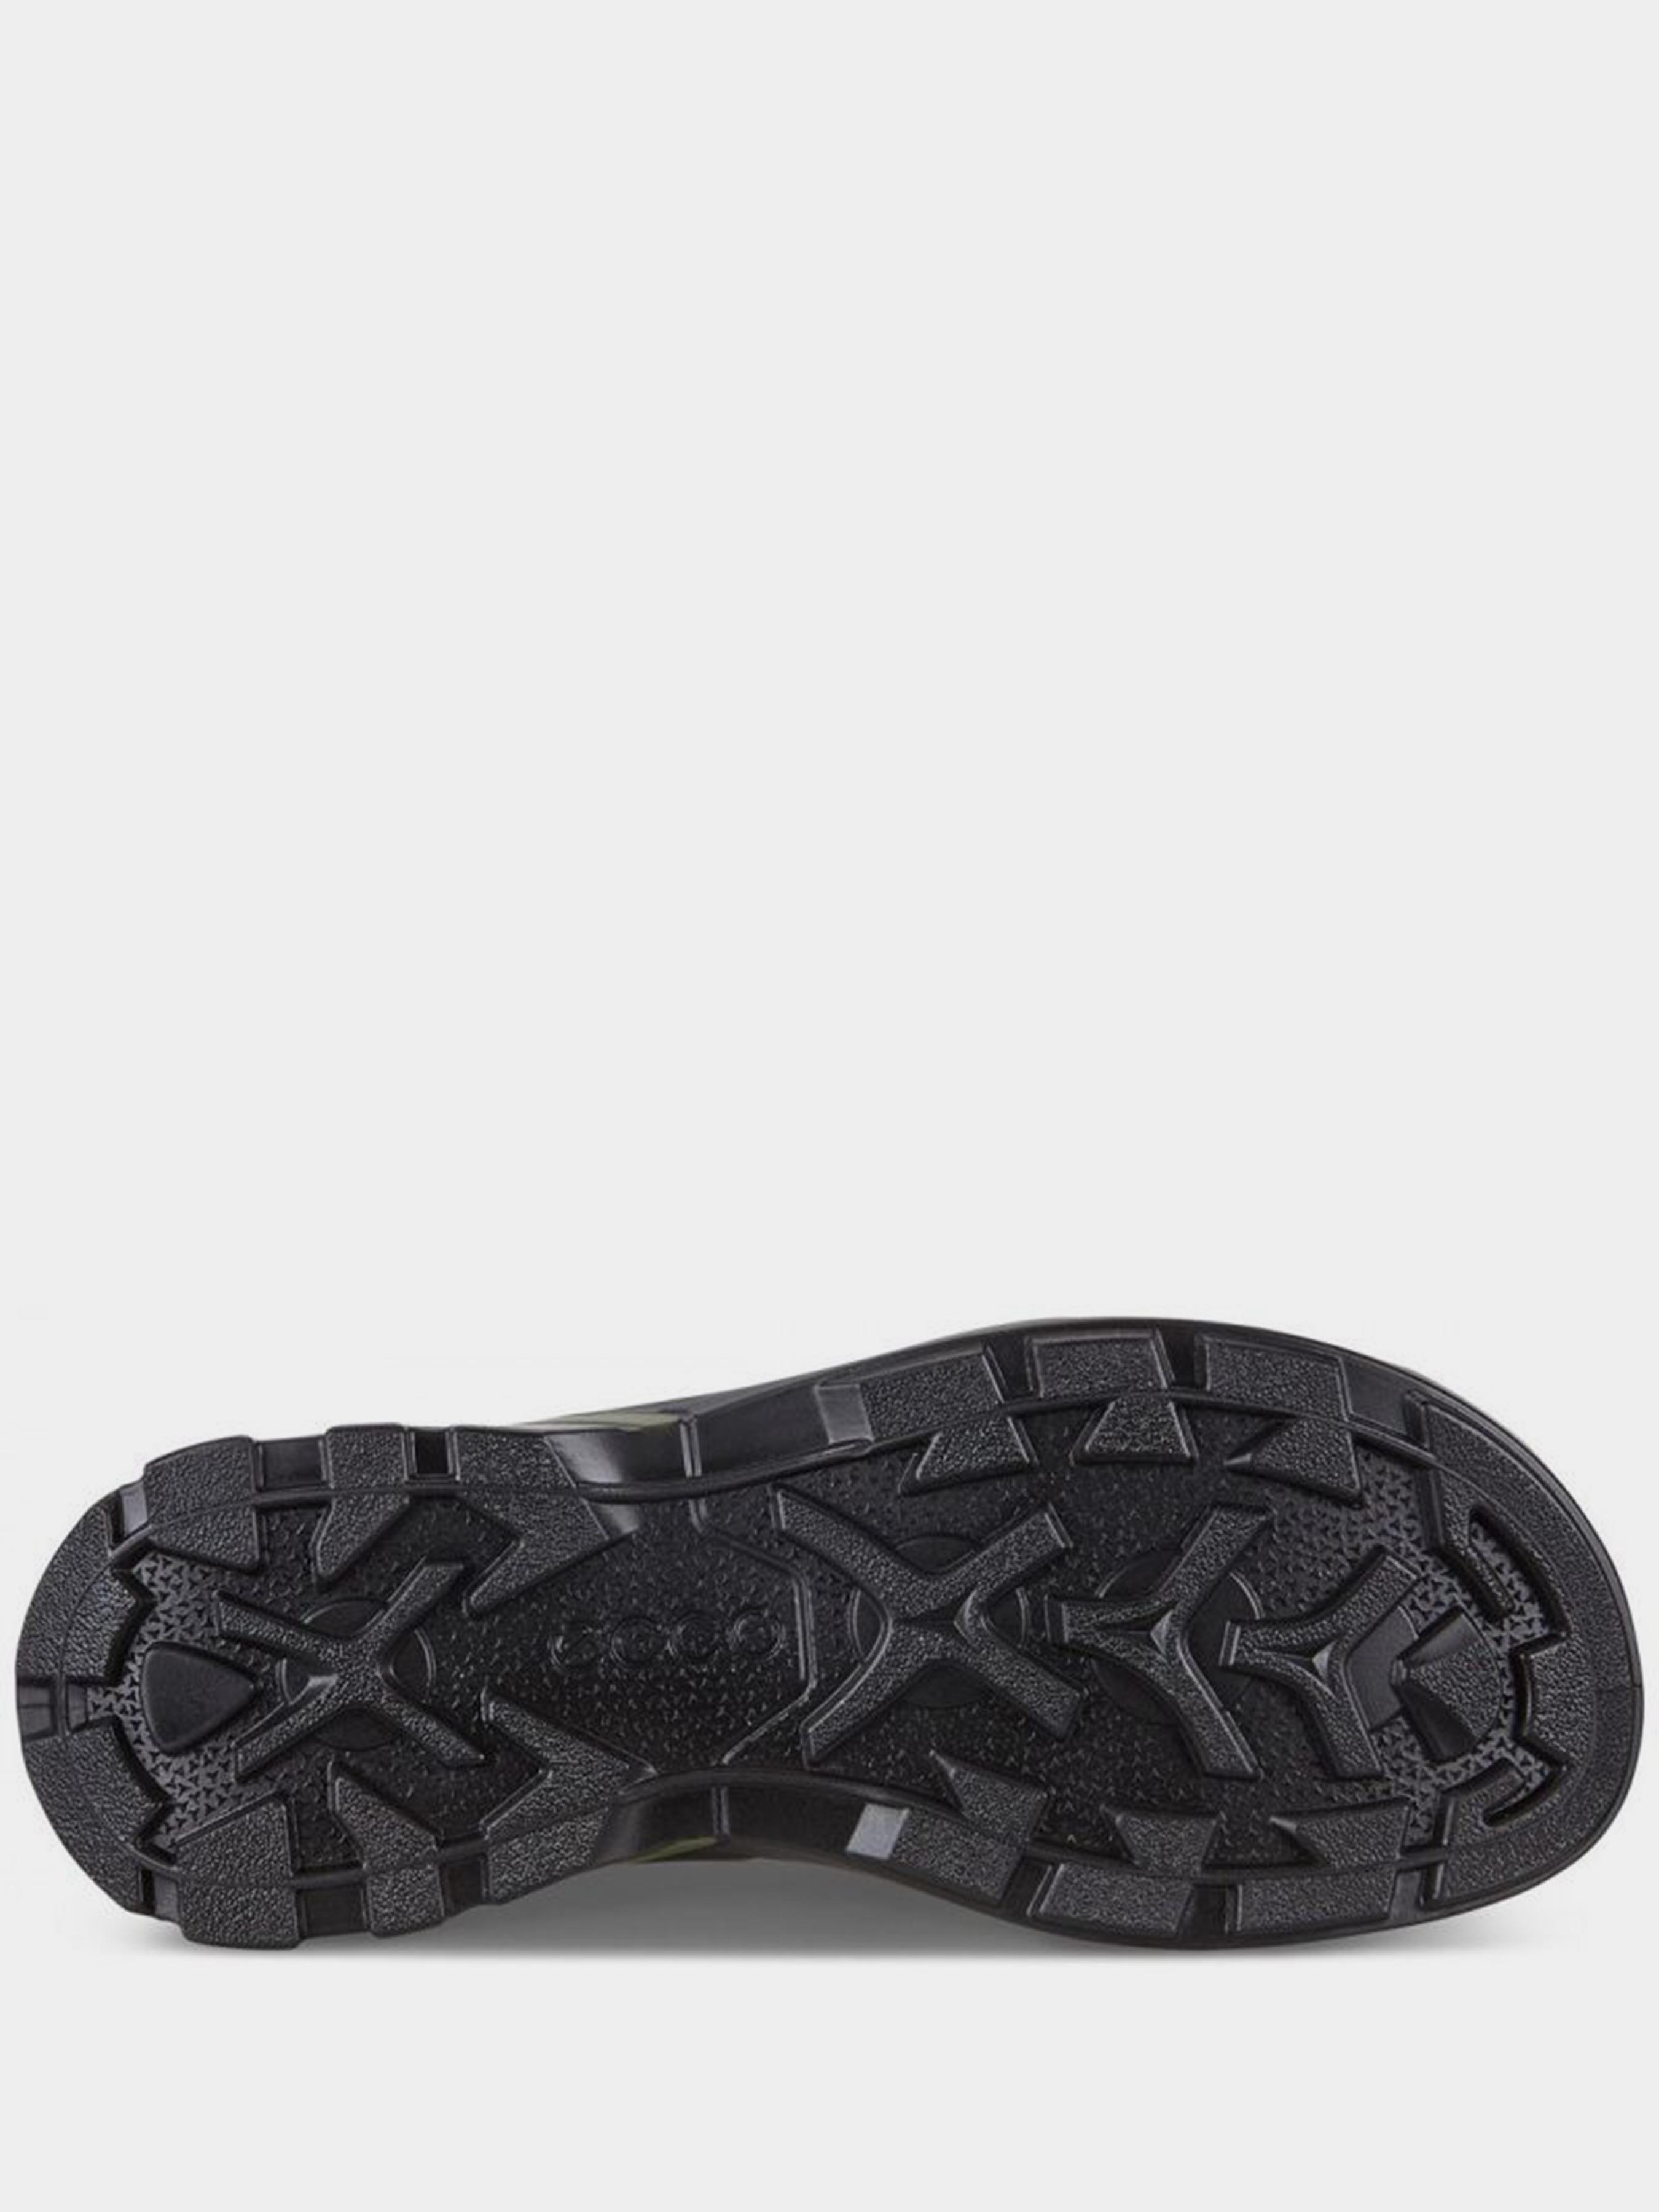 Сандалии детские ECCO BIOM RAFT ZK3382 купить обувь, 2017